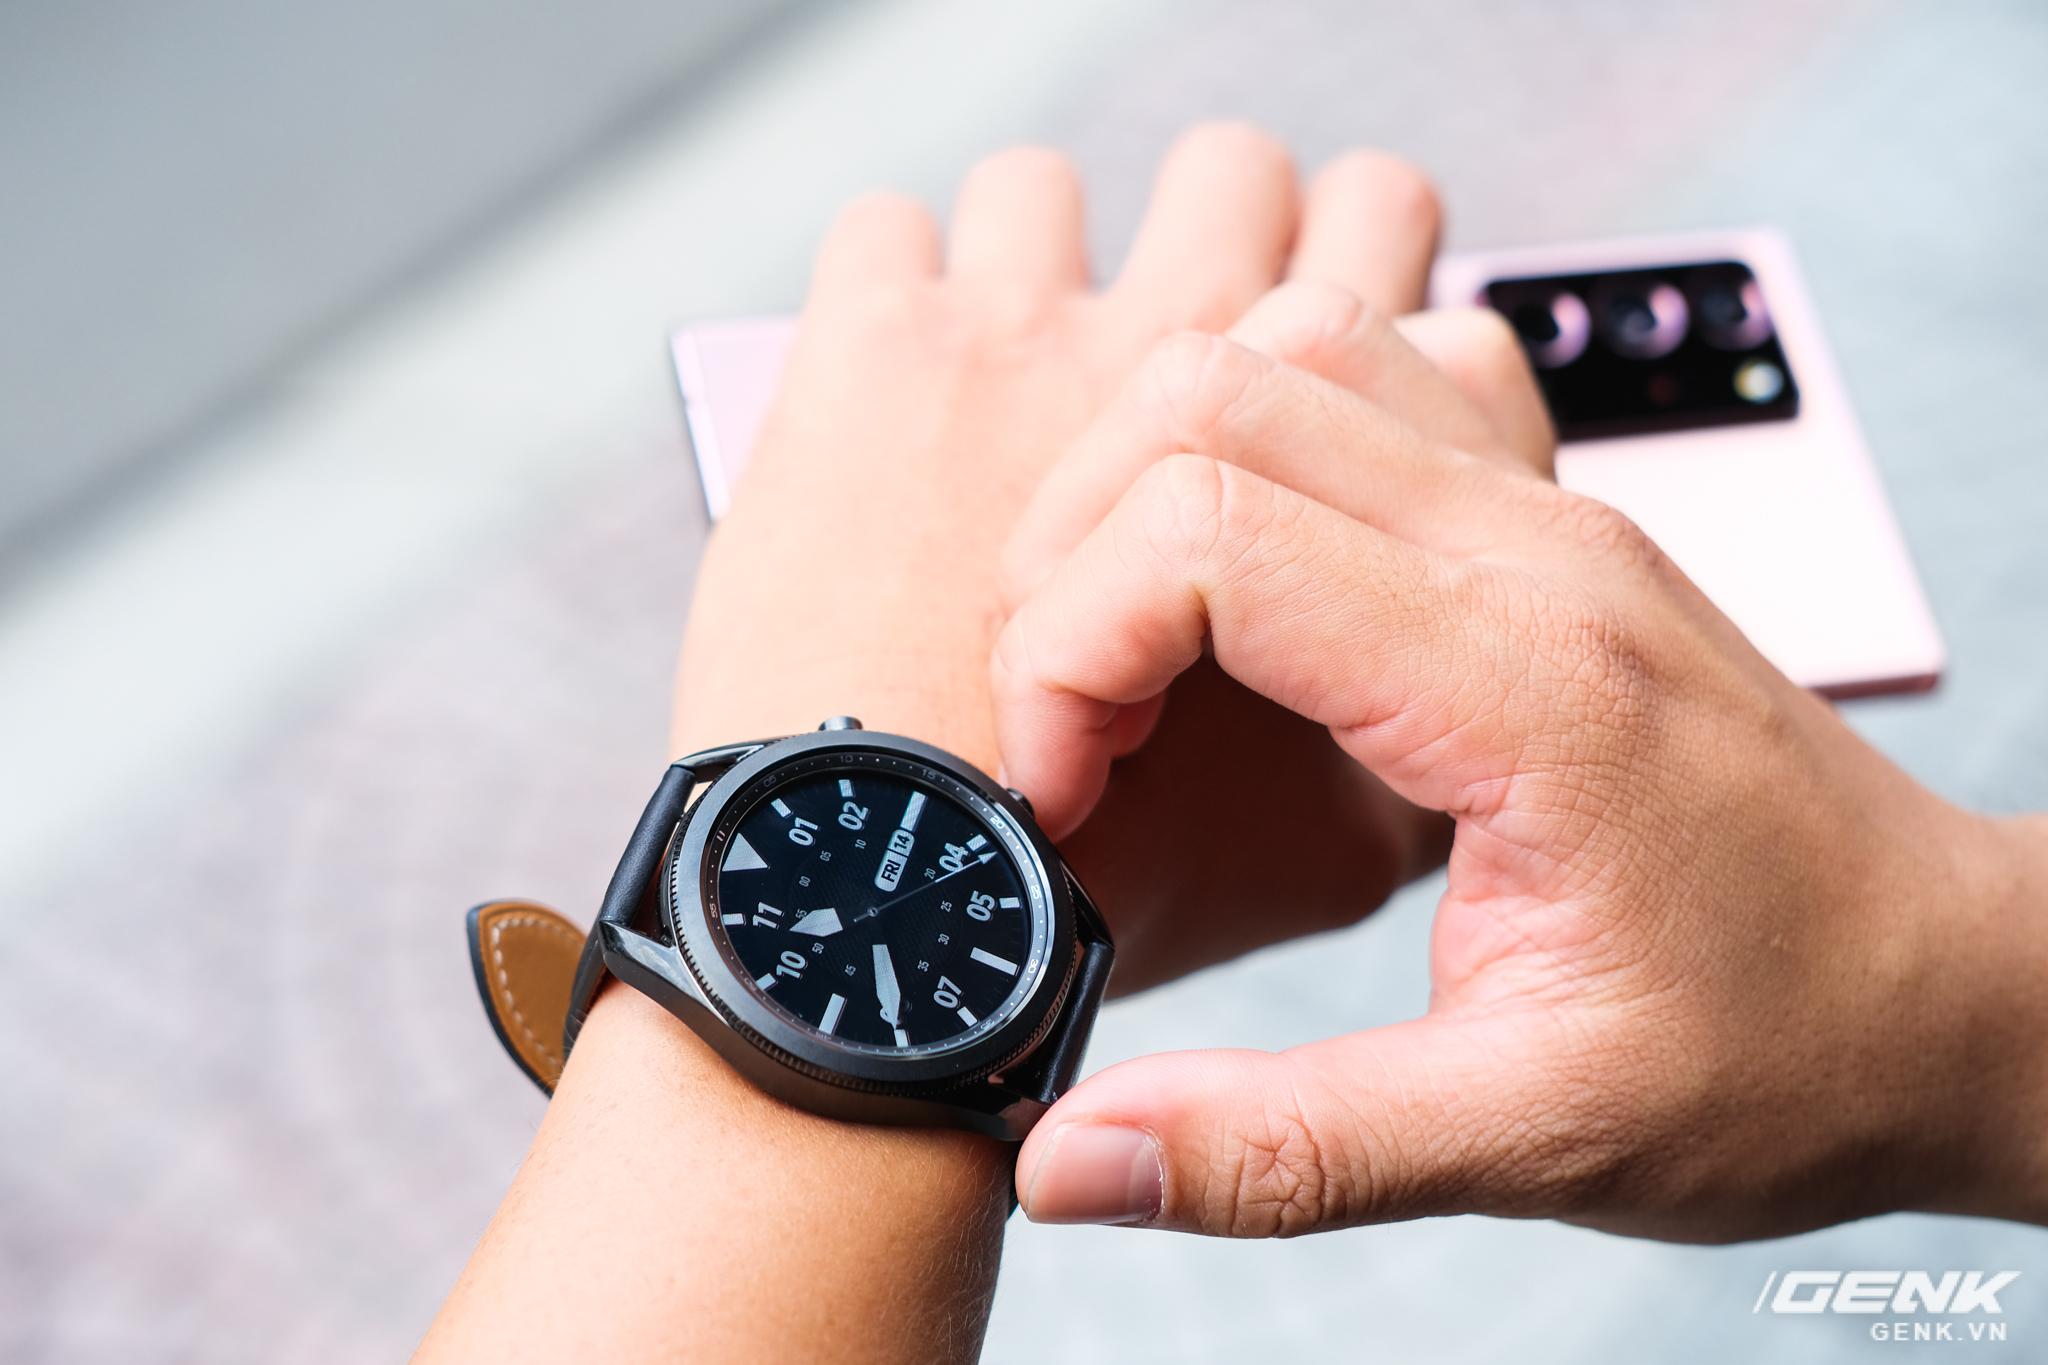 Mở hộp Galaxy Watch3 mặt 45mm: Thiết kế thanh lịch hơn, trang bị khả năng đo nồng độ oxy trong máu, có hơn 120 bài tập tại nhà, bản GPS giá từ 9,99 triệu đồng - Ảnh 8.